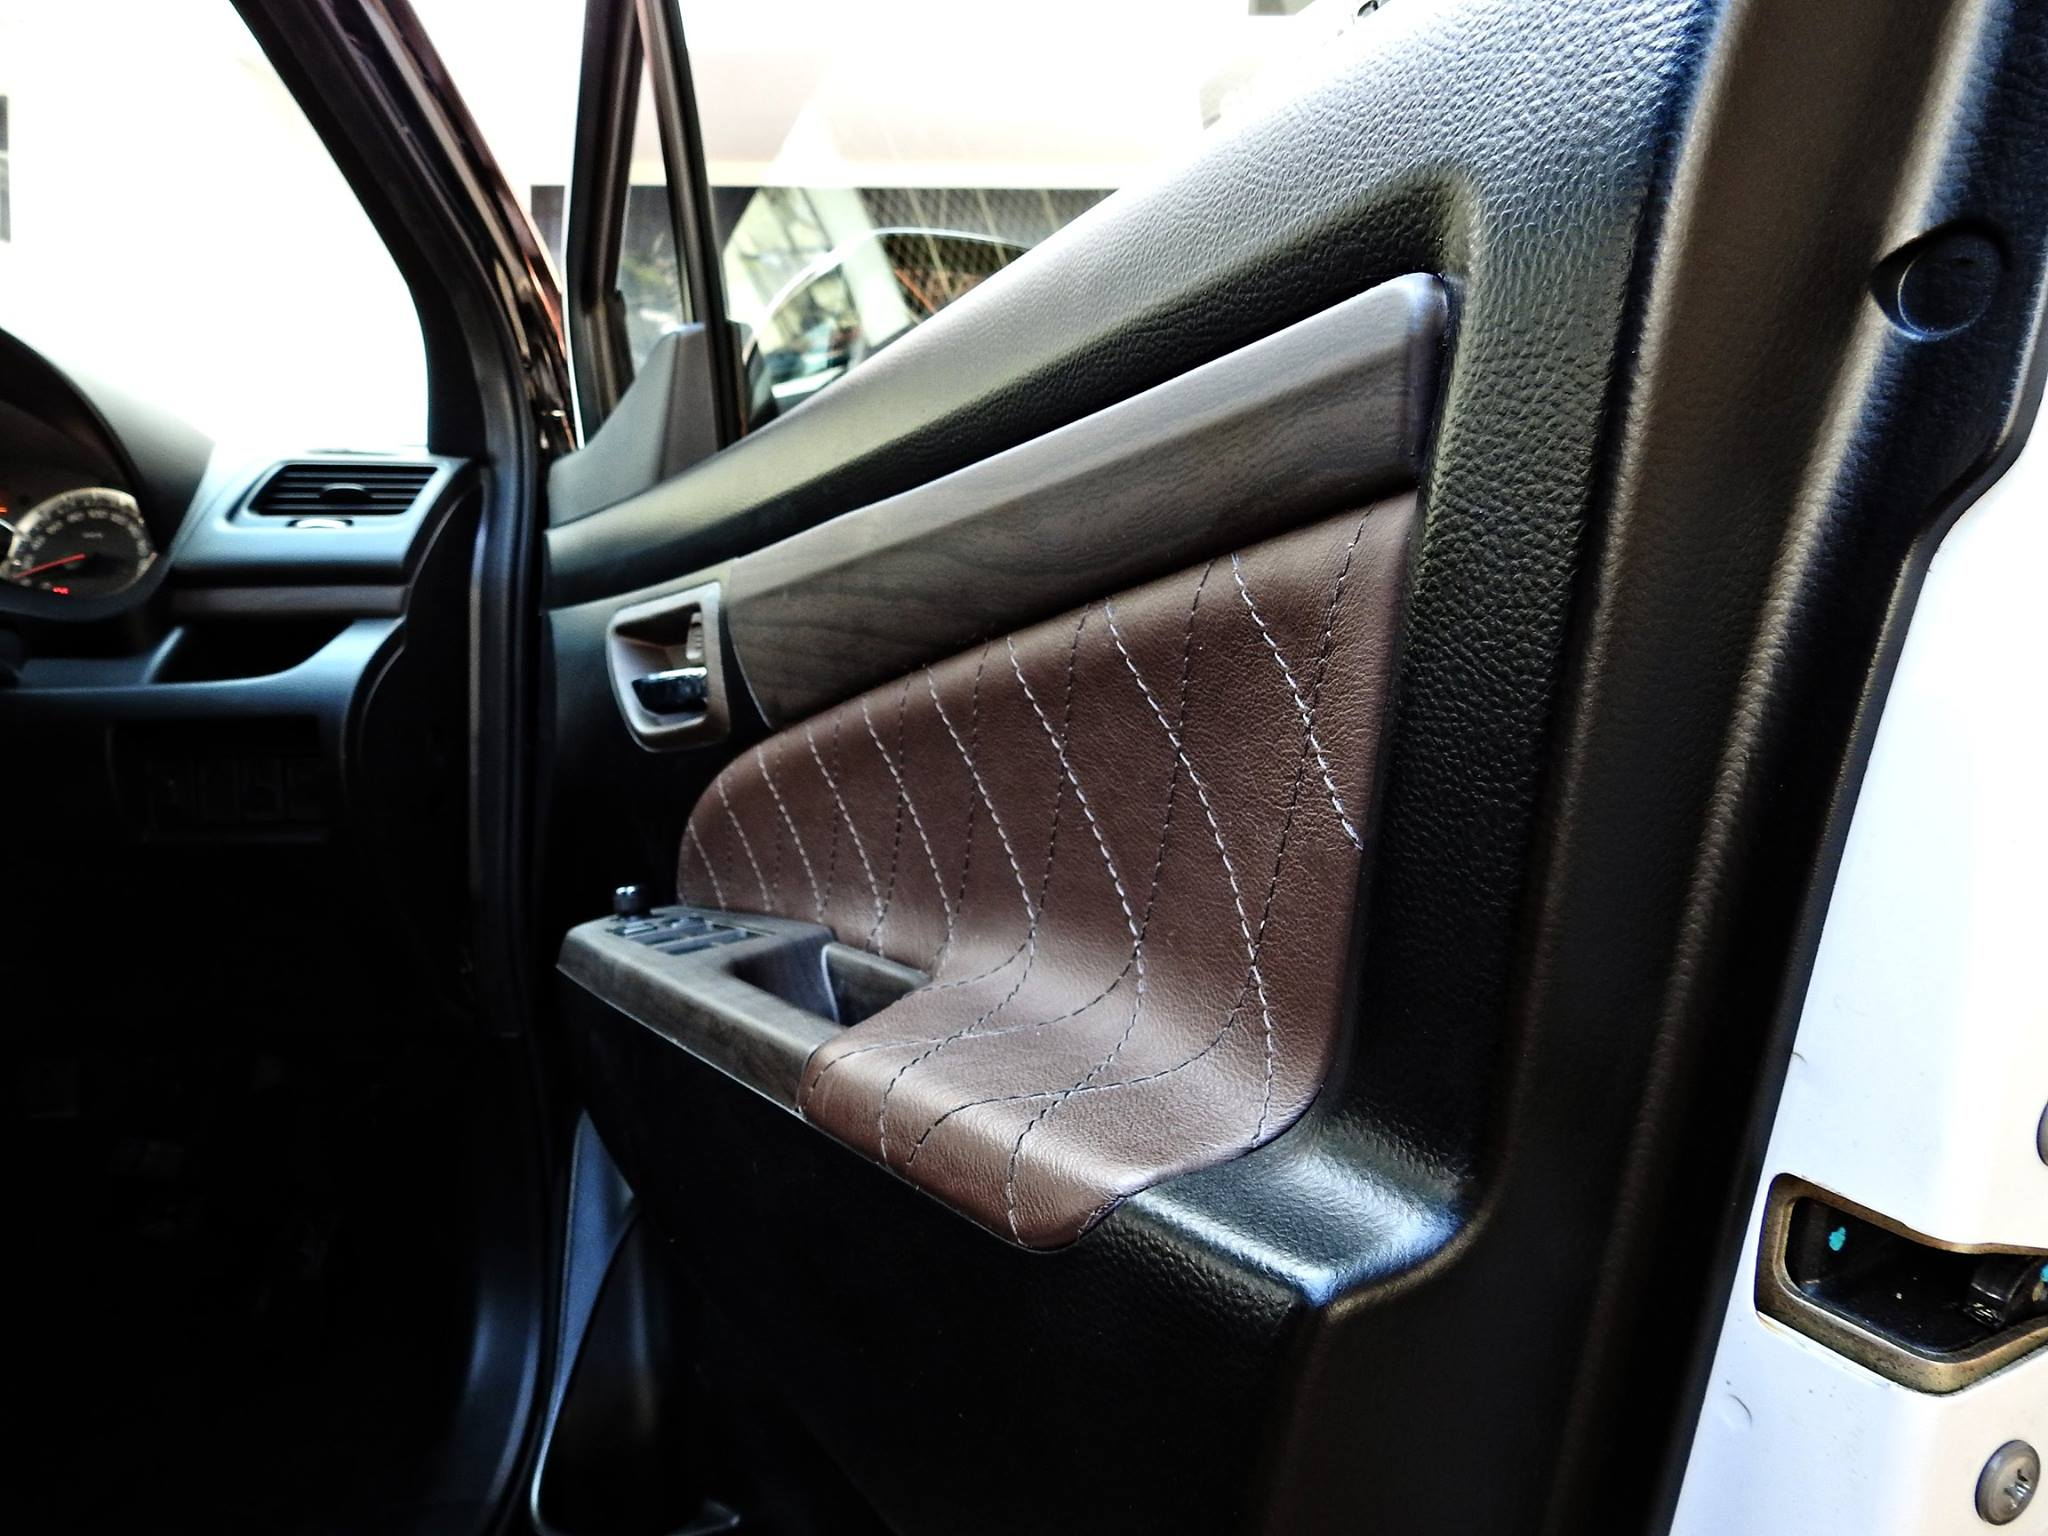 Xe++ - Suzuki Ertiga lên đời 'sang chảnh' như Rolls-Royce (Hình 6).